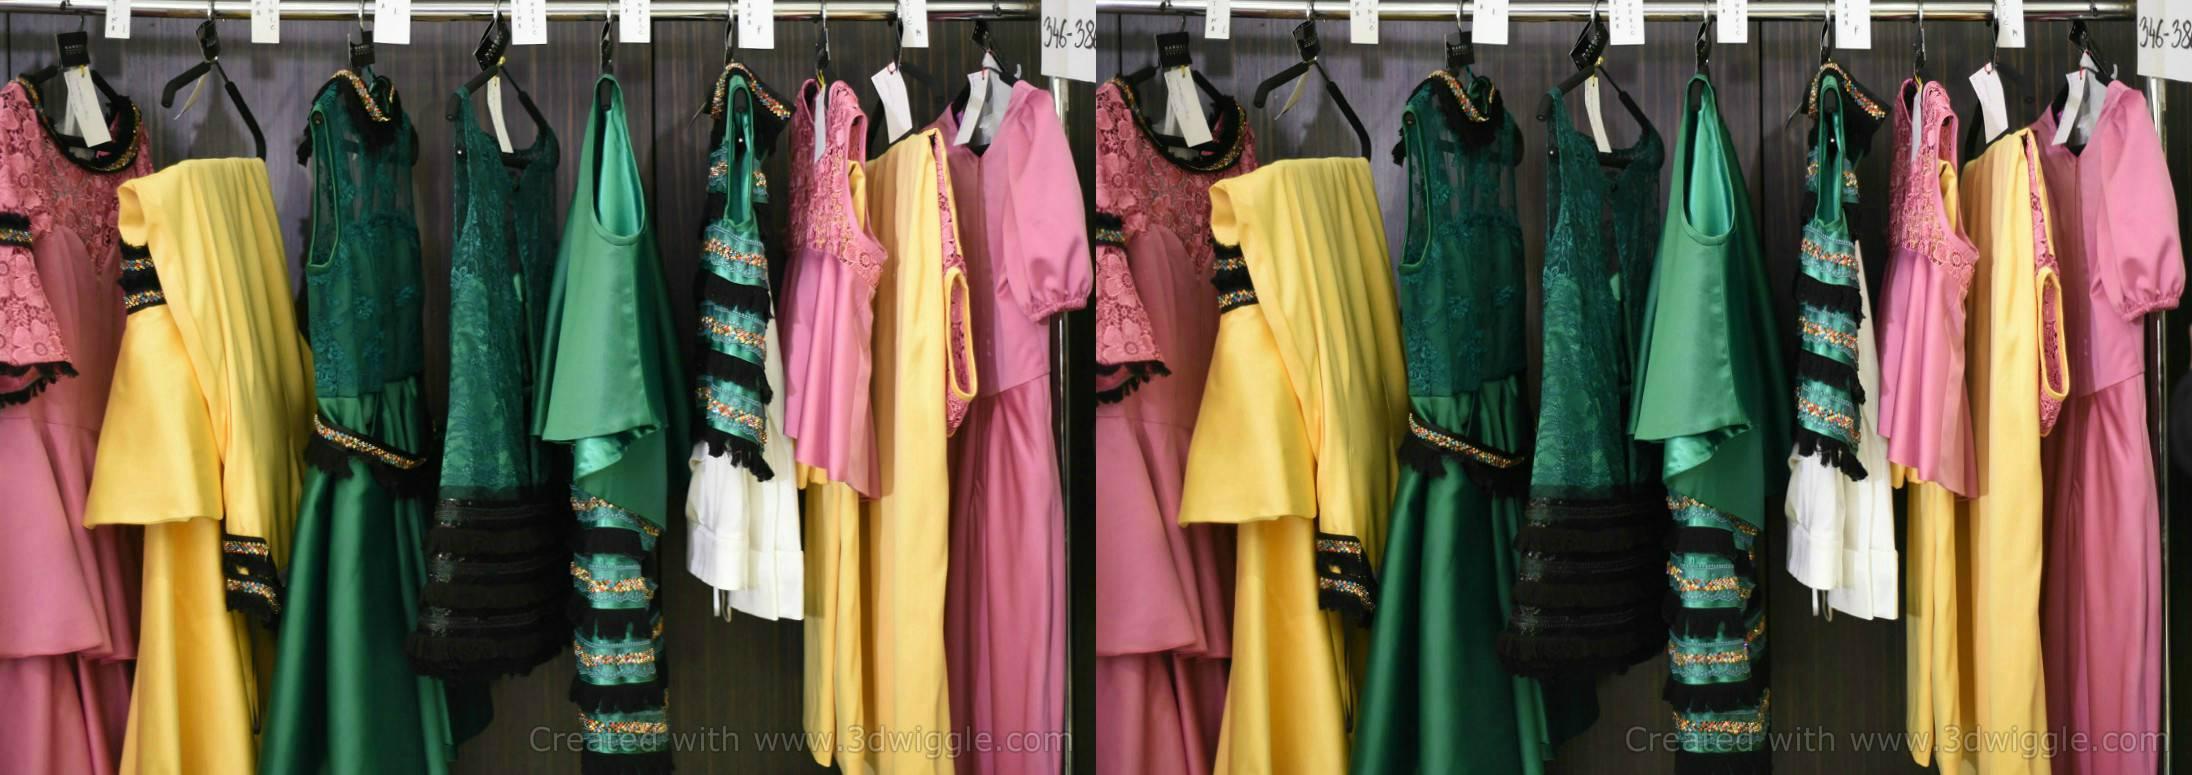 Nardou Couture dresses